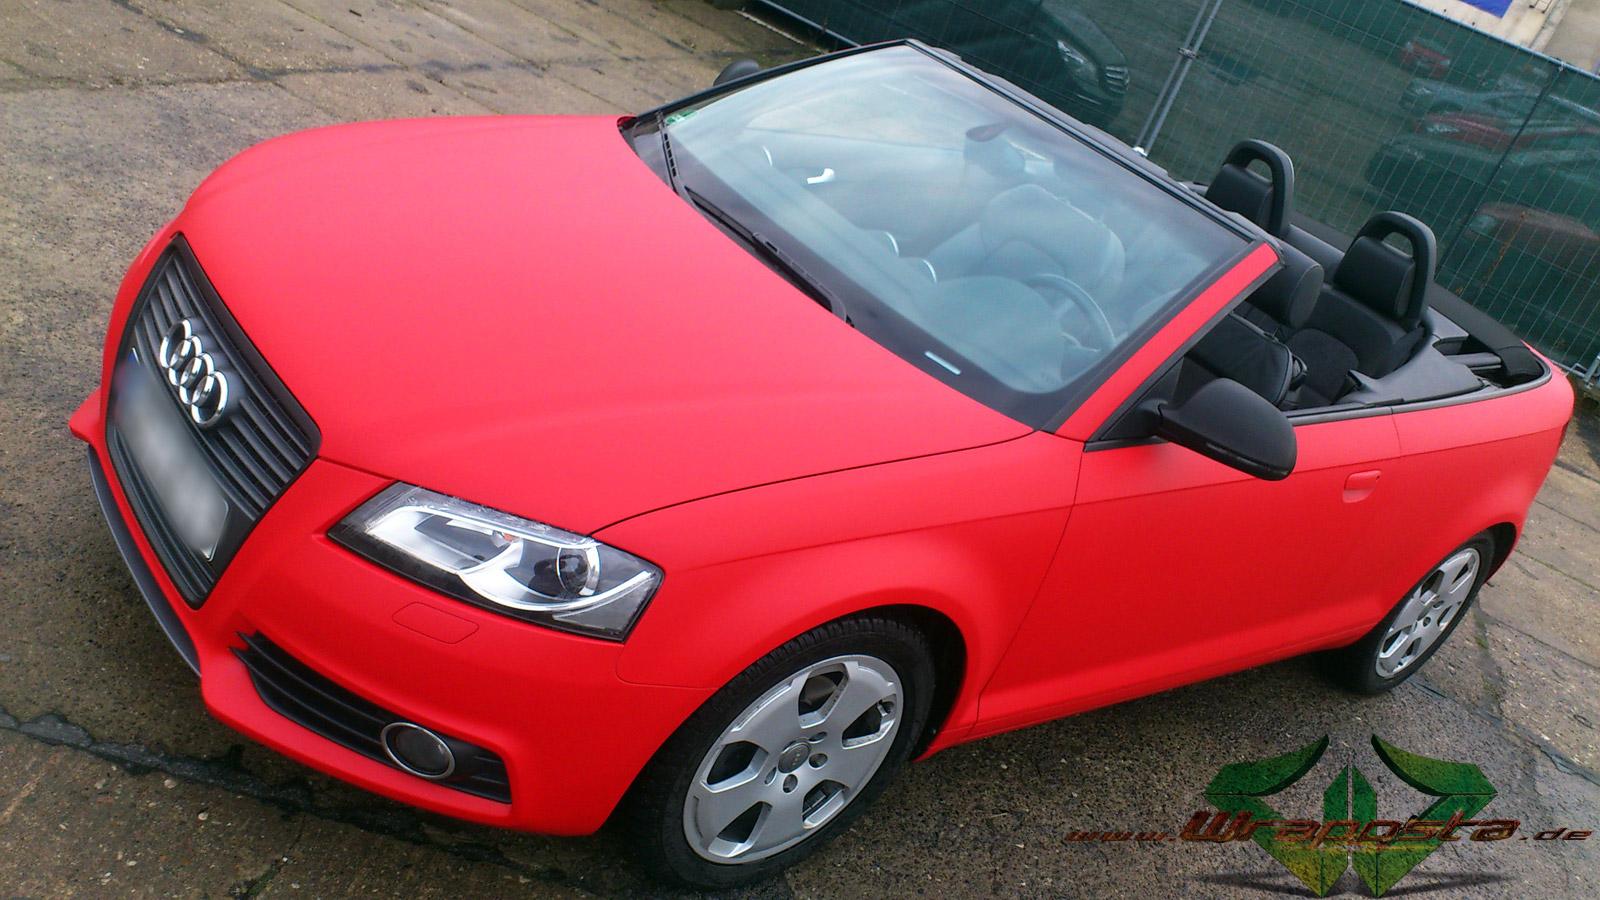 Audi Racing Car Photos